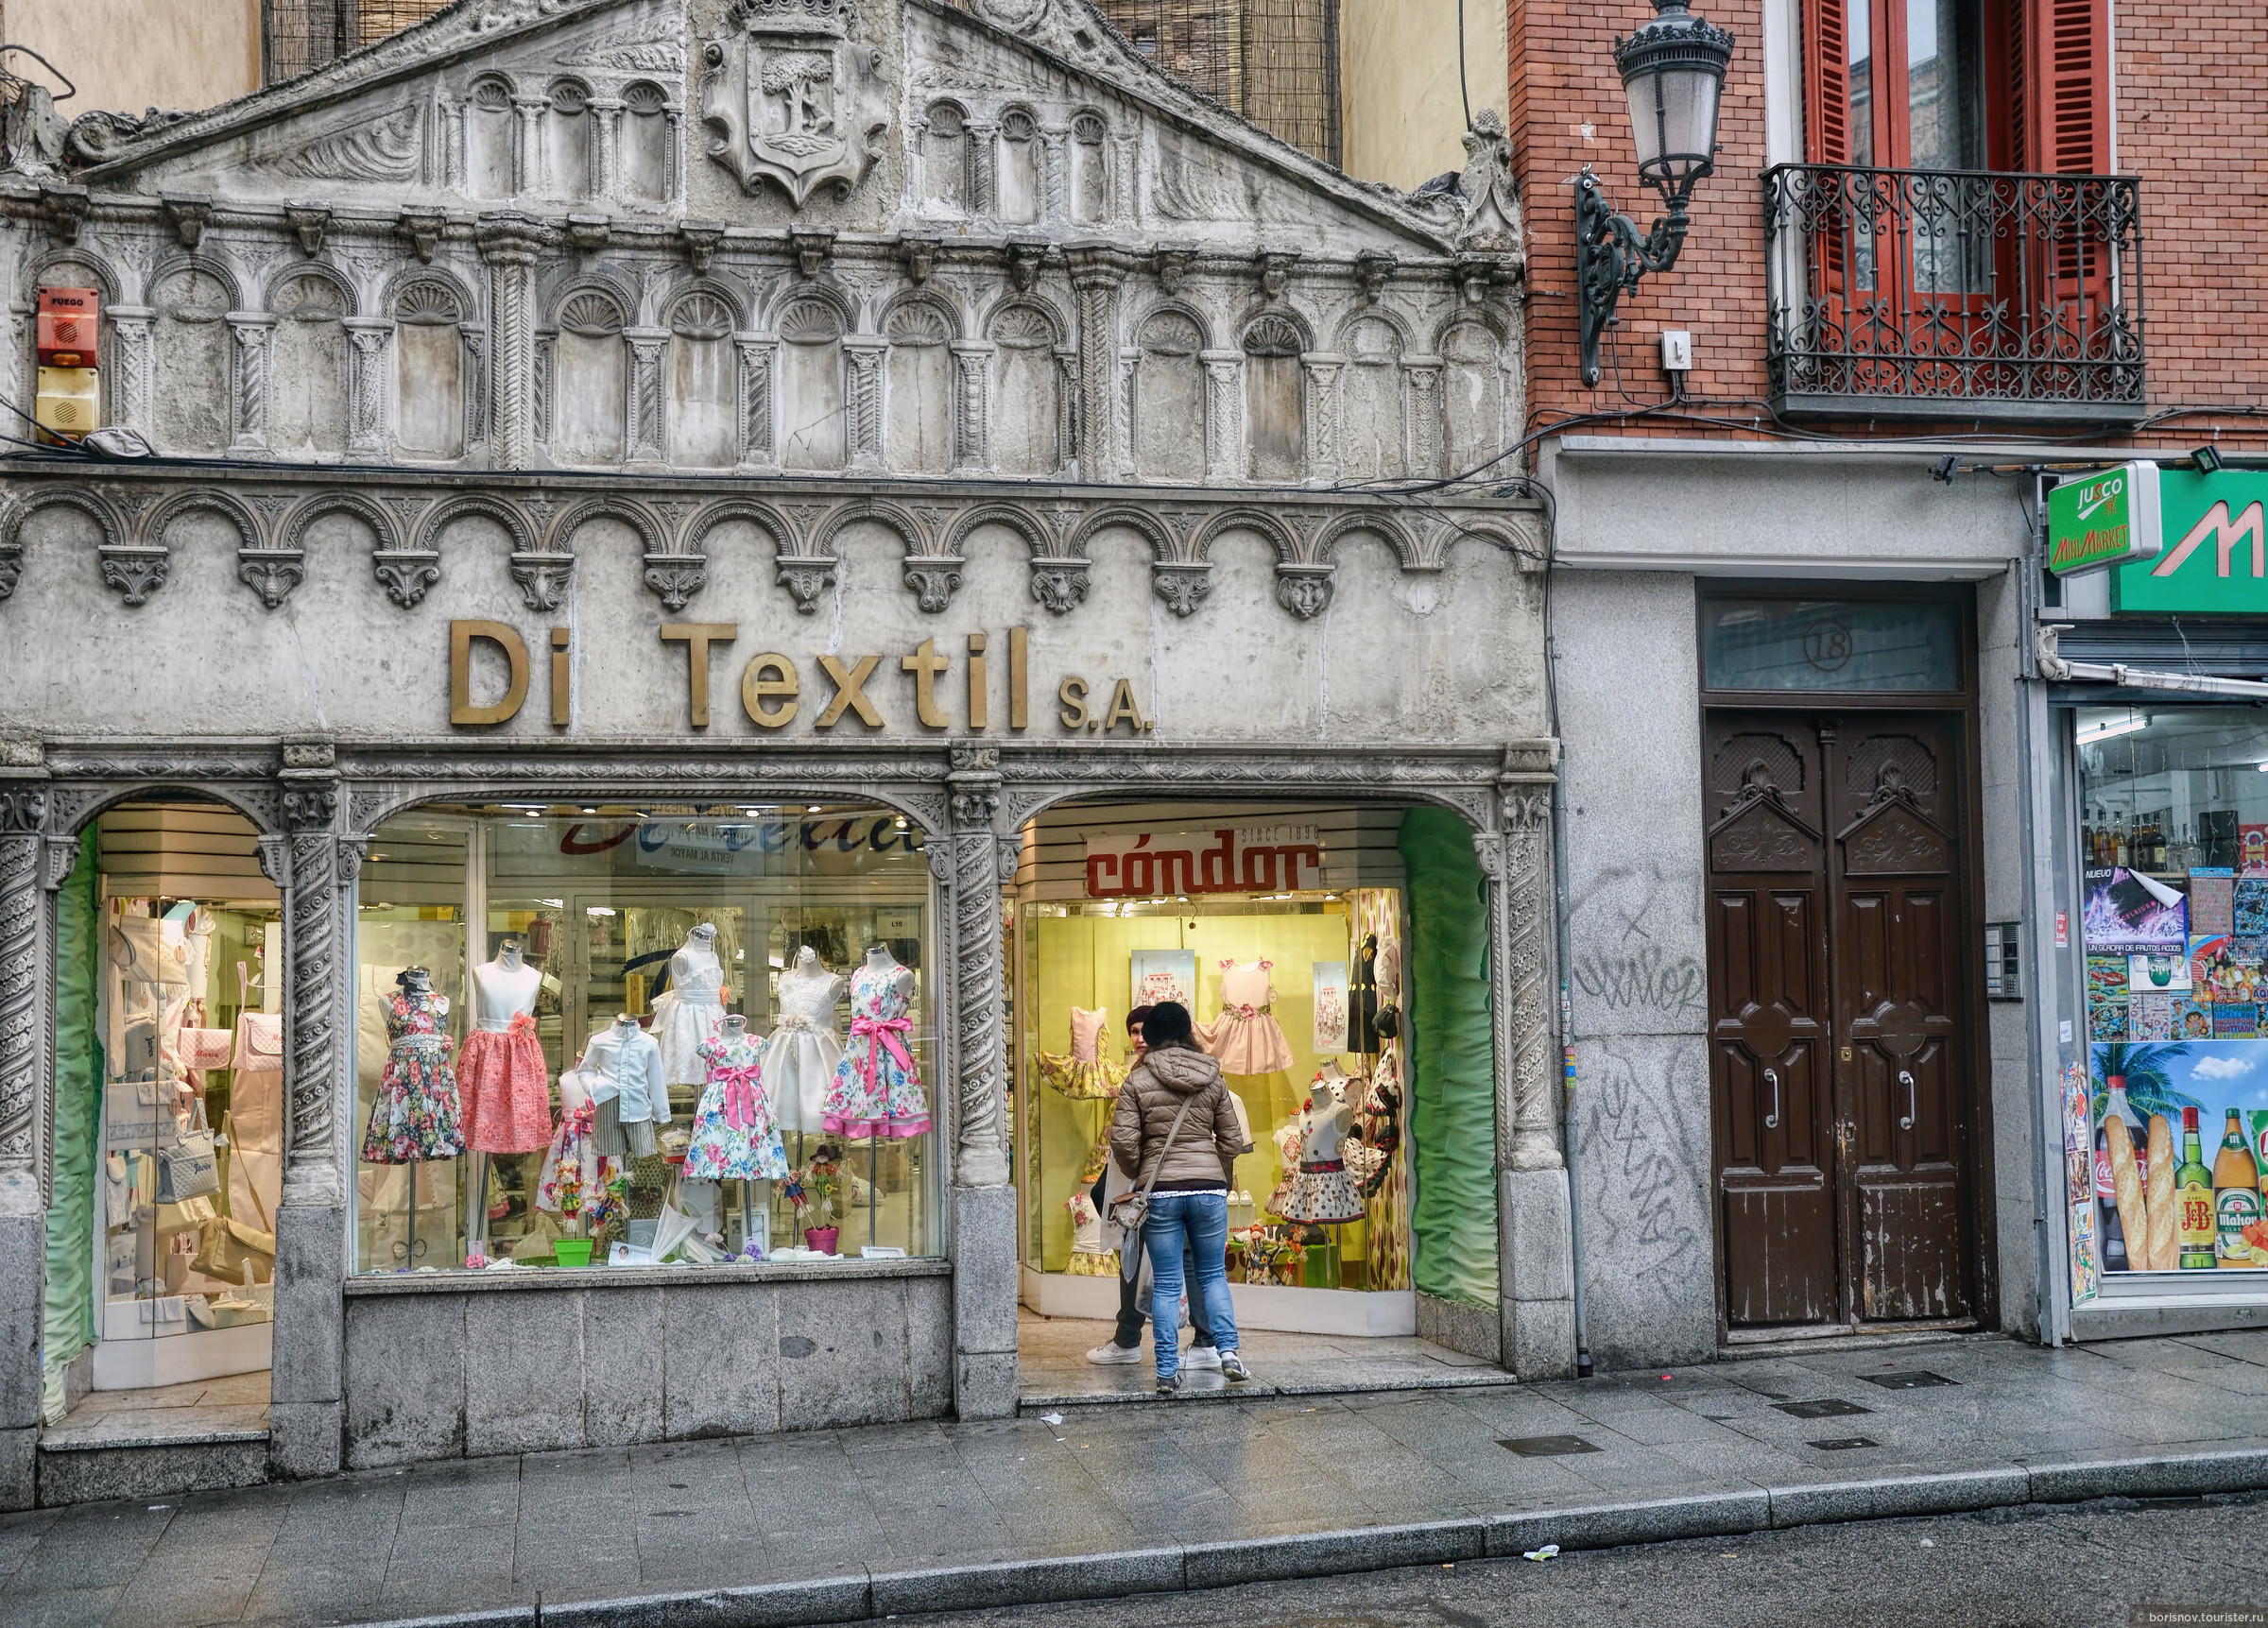 e6bdb4c5d14 Традиционные магазины Мадрида. Шоппинг в Мадриде